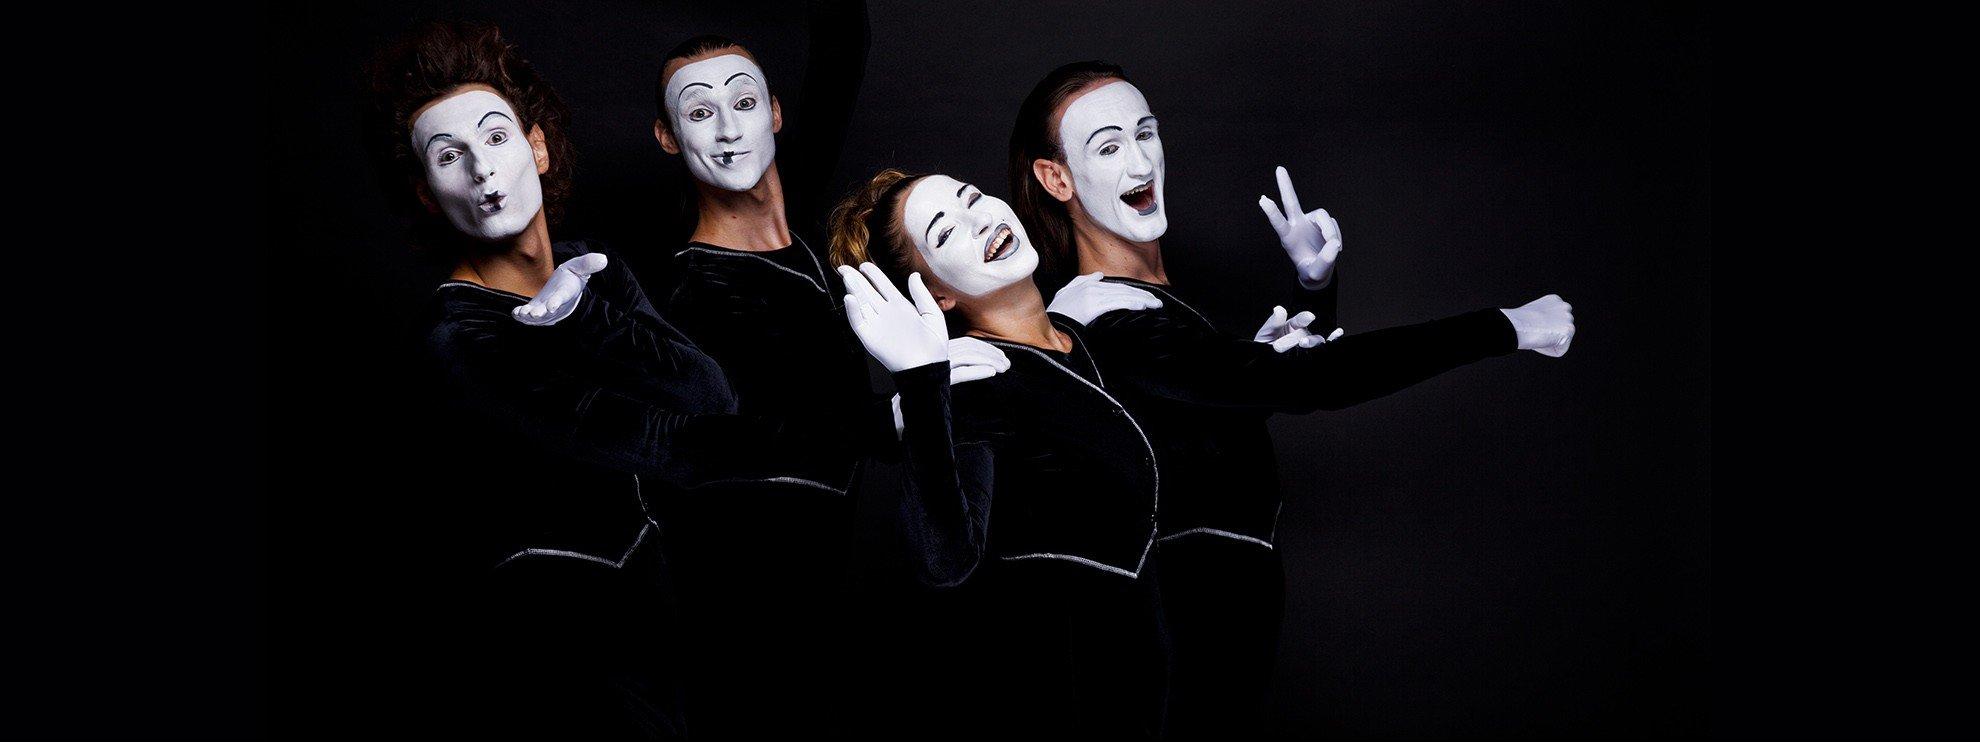 performer Light souls